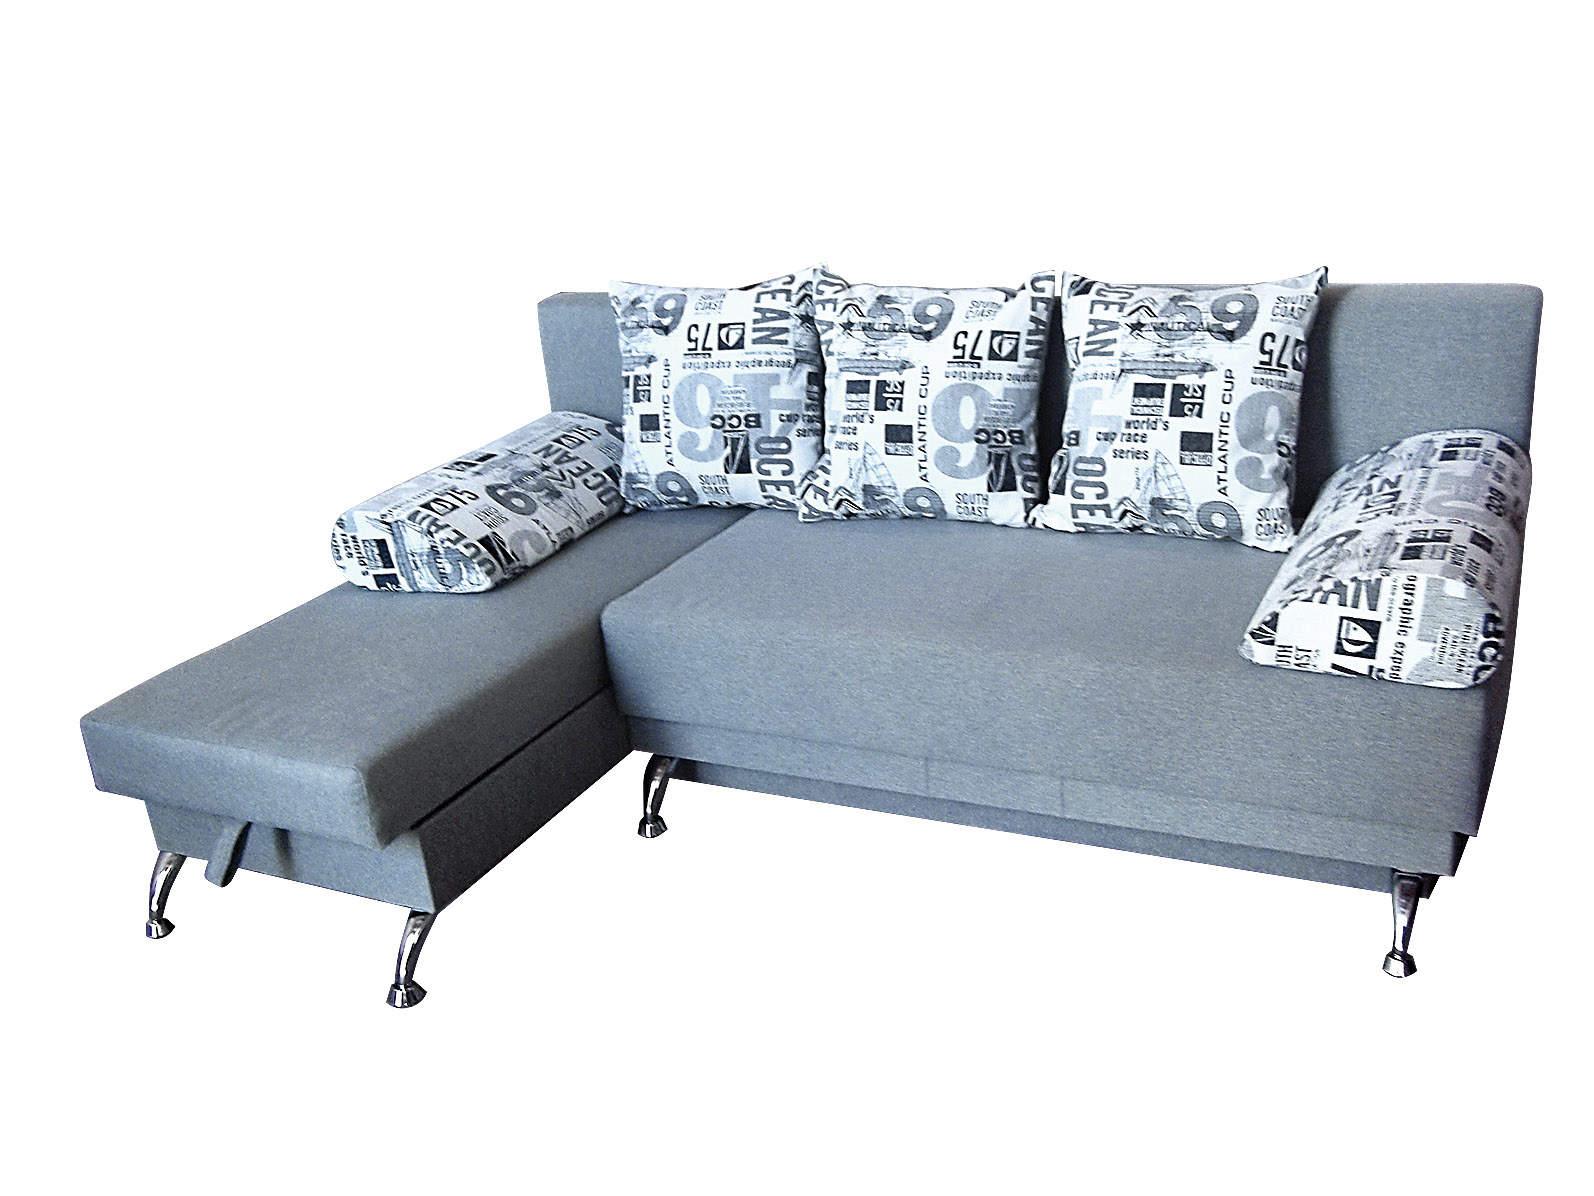 где купить диван в красноярске отзывы